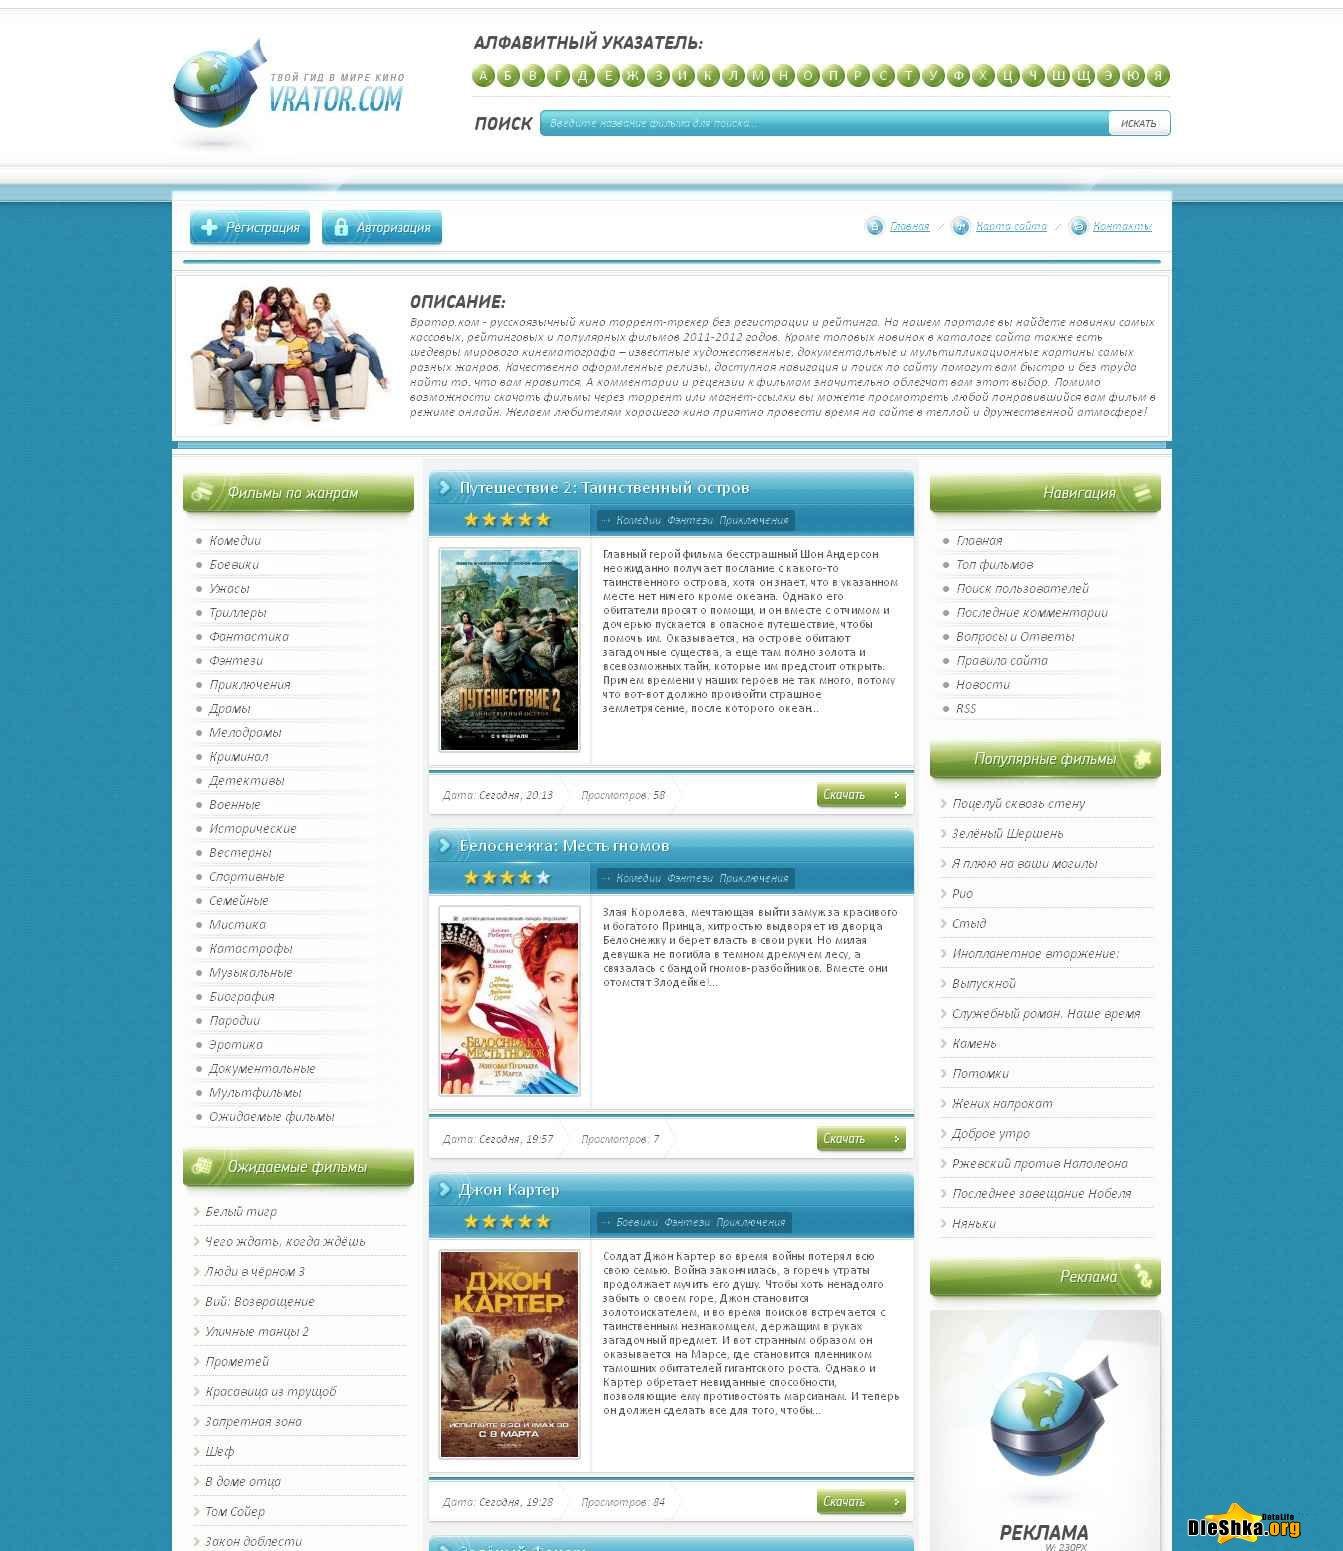 Datalife engine 10 2 keygen torrent